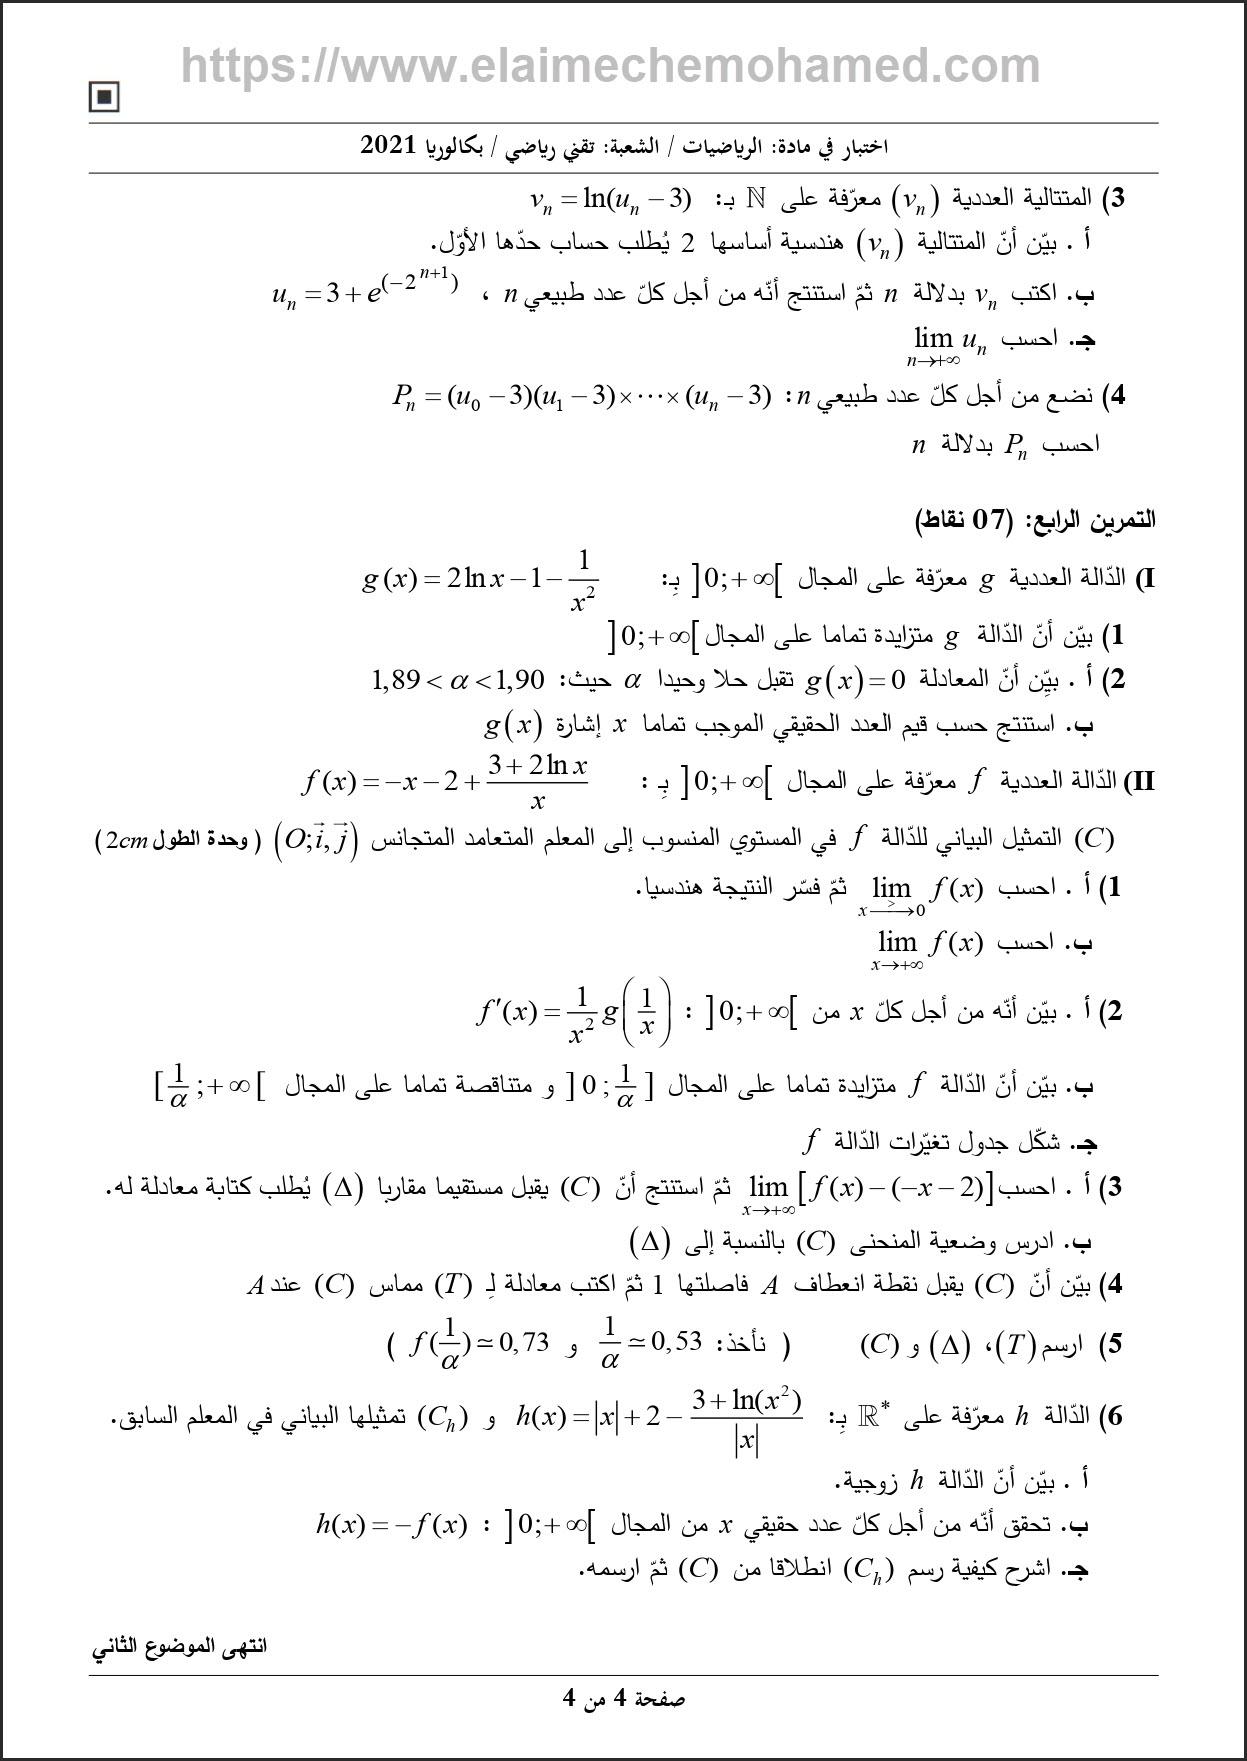 اختبار مادة الرياضيات بكالوريا تقني رياضي